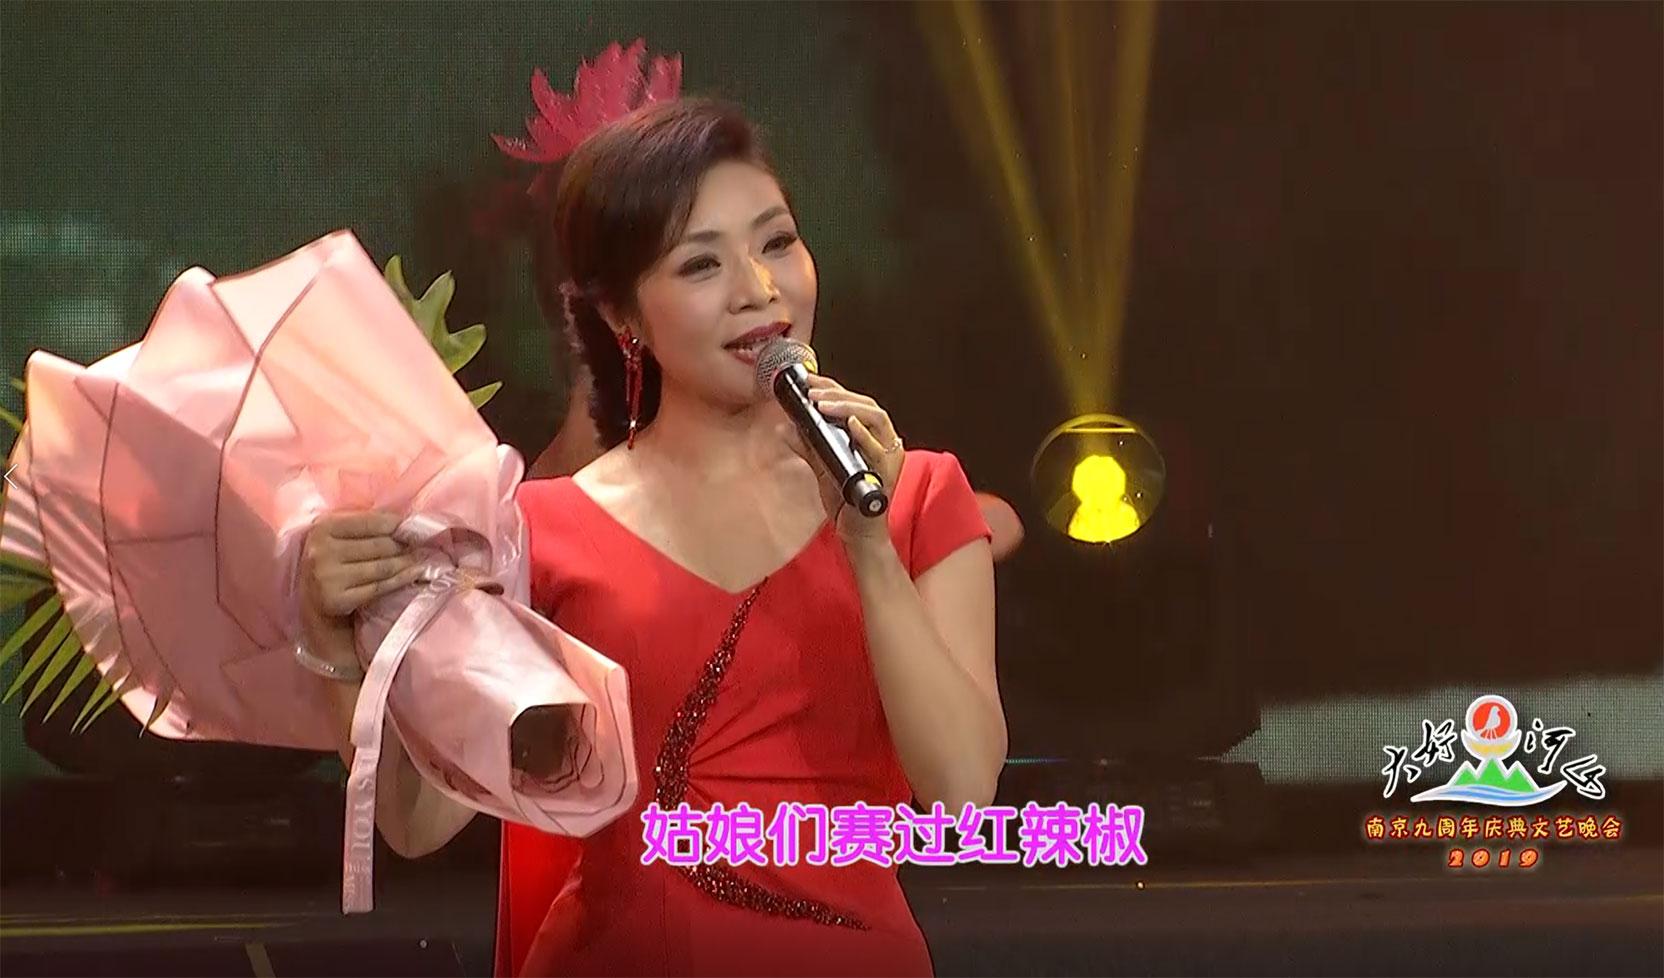 大好河山2019南京九周年庆典文艺晚会 歌曲《妈妈就是我的家》李丹阳